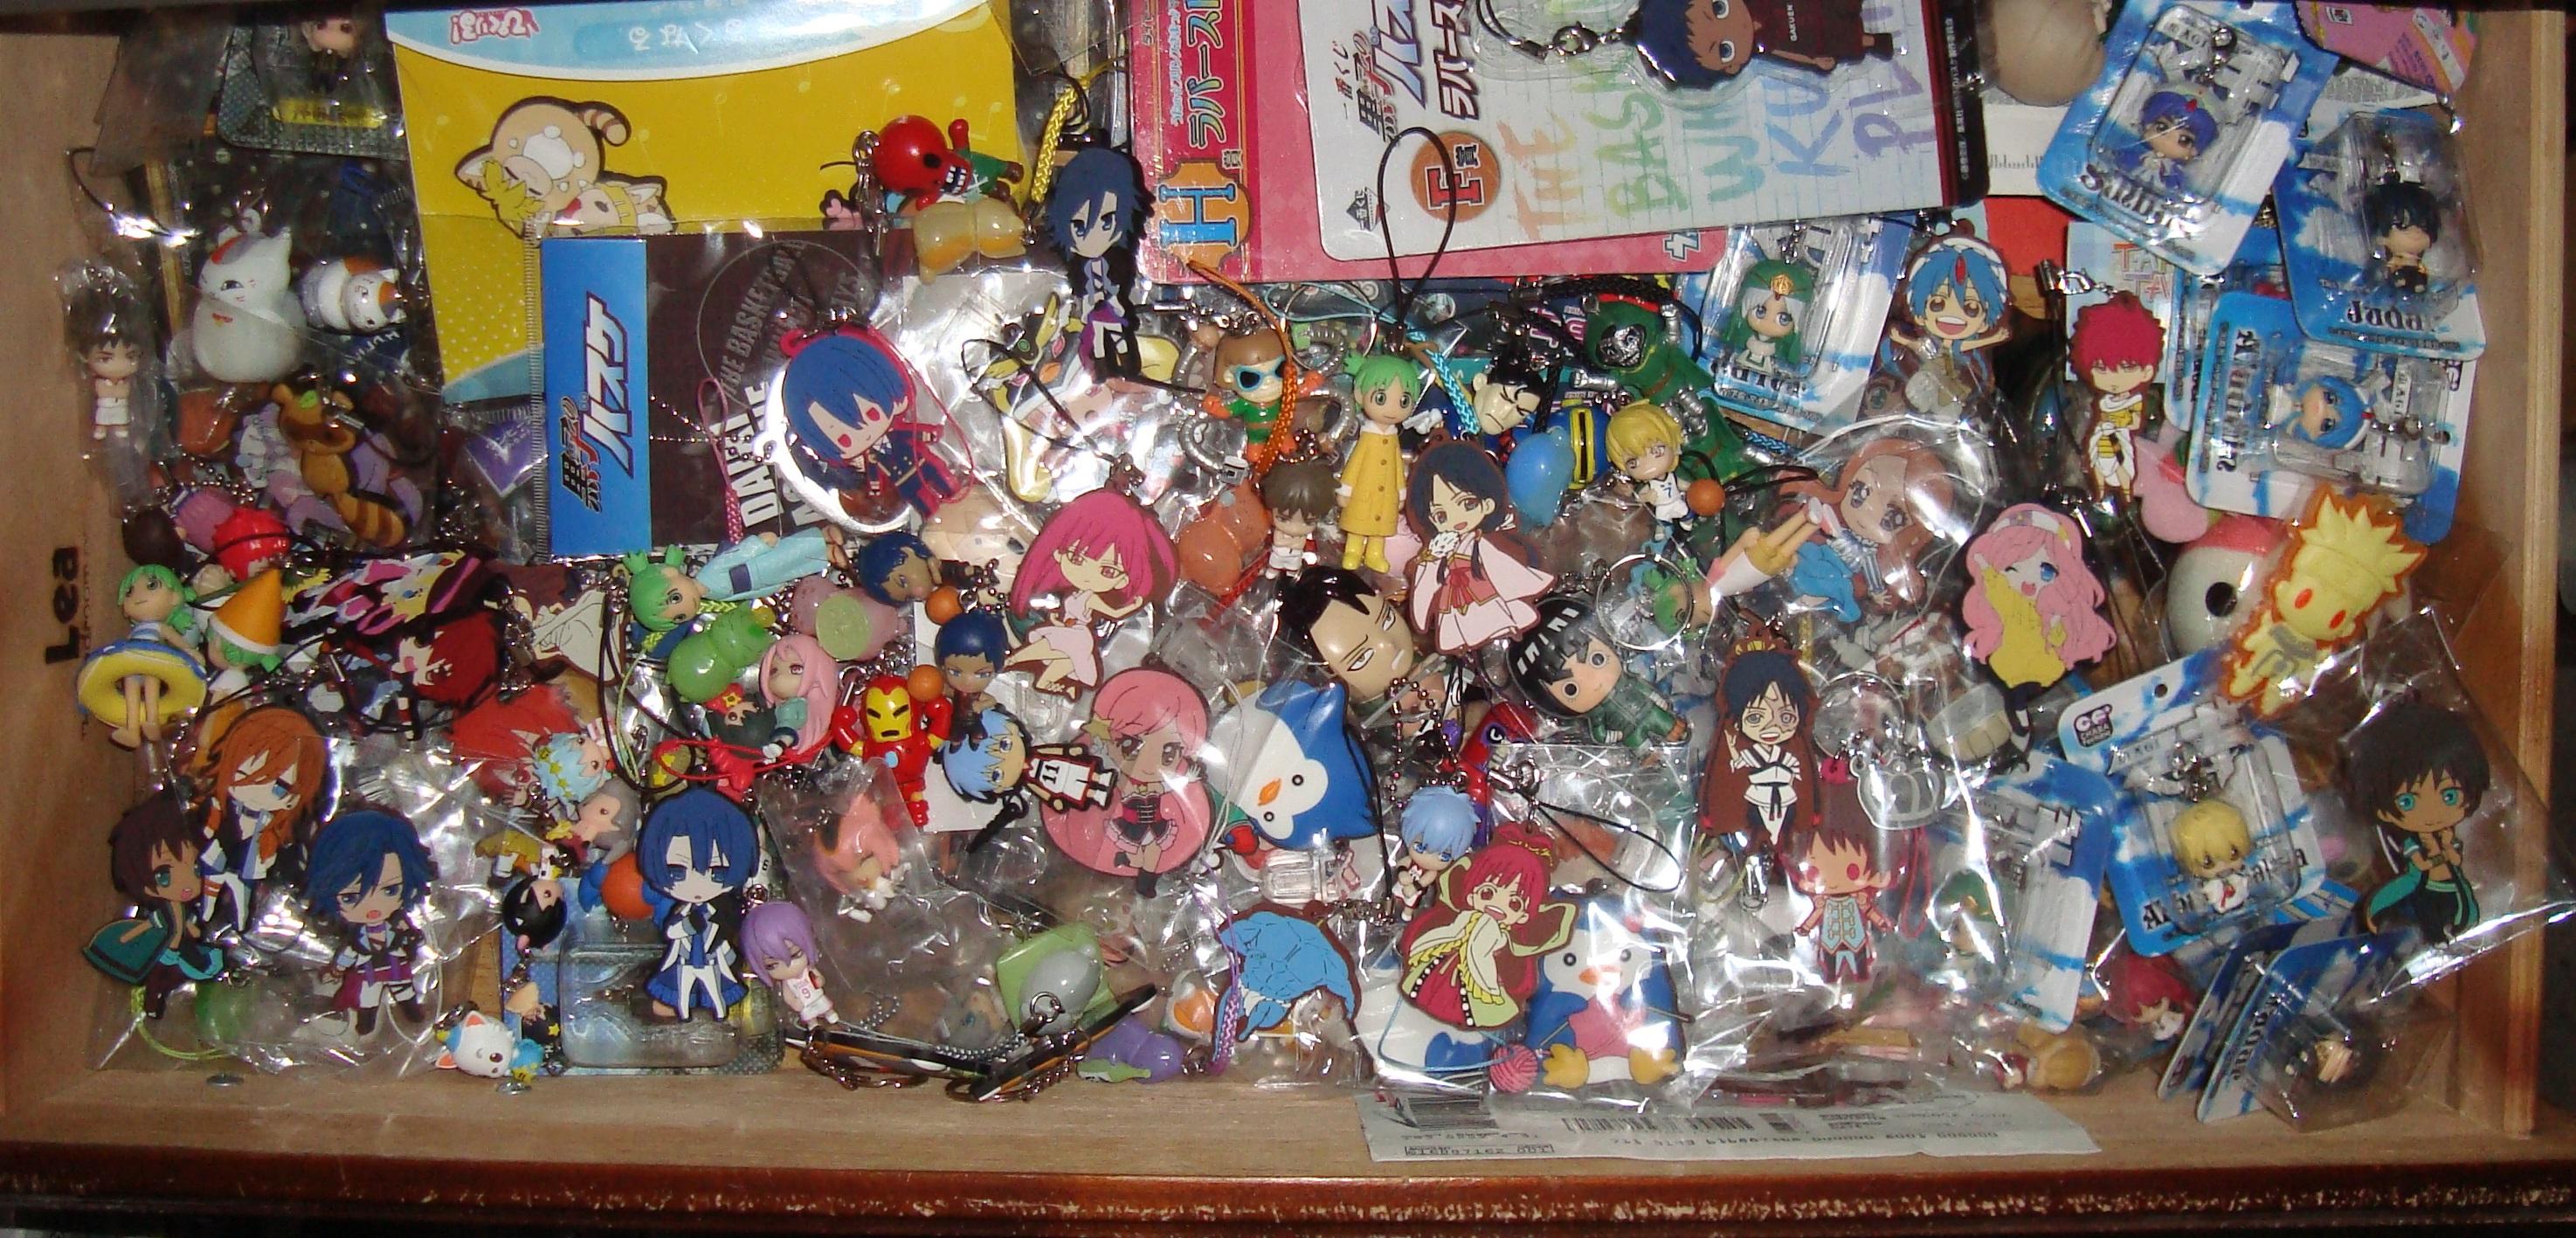 vocaloid kotobukiya megahouse gift nendoroid_plus strap kaiyodo good_smile_company kagamine_len banpresto bandai kagamine_rin natsume_yuujinchou swing koiwai_yotsuba ichiban_kuji movic crypton_future_media madara_(nyanko-sensei) hobby_stock matsumoto_eiichiro enoki_tomohide rubber_strap takara_tomy_a.r.t.s azuma_kiyohiko yotsuba&! media_factory sakurai empty d4_series chara_fortune_plus uta_no☆prince-sama♪ ittoki_otoya hijirikawa_masato jinguuji_ren midorikawa_yuki kurusu_shou ichinose_tokiya pic-lil! plush_strap mawaru_penguindrum takakura_himari isora_hibari hasepro aladdin inu_x_boku_ss watanuki_banri kuroko_no_basket kuroko_tetsuya kise_ryouta aijima_cecil penguin_3-gou es_series_rubber_strap_collection tsukimiya_ringo uta_no_prince-sama_rubber_strap_collection_vol.2 magi_-_labyrinth_of_magic judal morgiana alibaba_saluja ja'far ren_hakuryuu aomine_daiki ichiban_kuji_natsume_yuujinchou_tribute_gallery_~under_the_stars~ kiyoshi_teppei uta_no☆prince-sama♪_-_maji_love_1000% inu_x_boku_ss_rubber_strap_collection_vol.2 tari_tari sakai_wakana murasakibara_atsushi akashi_seijuurou kuroko_no_basket_swing_ex_ver._kiseki_no_sedai momoi_satsuki uta_no☆prince-sama♪_-_maji_love_1000%_trading_rubber_strap earphone_jack_accessory mawaru_penguindrum_trading_straps ren_kougyoku ren_hakuei ugo chara_fortune_plus_series:_magi_-_aladdin`s_fortune_magic♪ nyanko-sensei_power_stone_strap kuroko_no_basket_swing_3q magi_rubber_strap_collection ichiban_kuji_kuroko_no_basket pic-lil!_hatsune_miku_rubber_strap yotsuba_strap_mascot_trading_figure